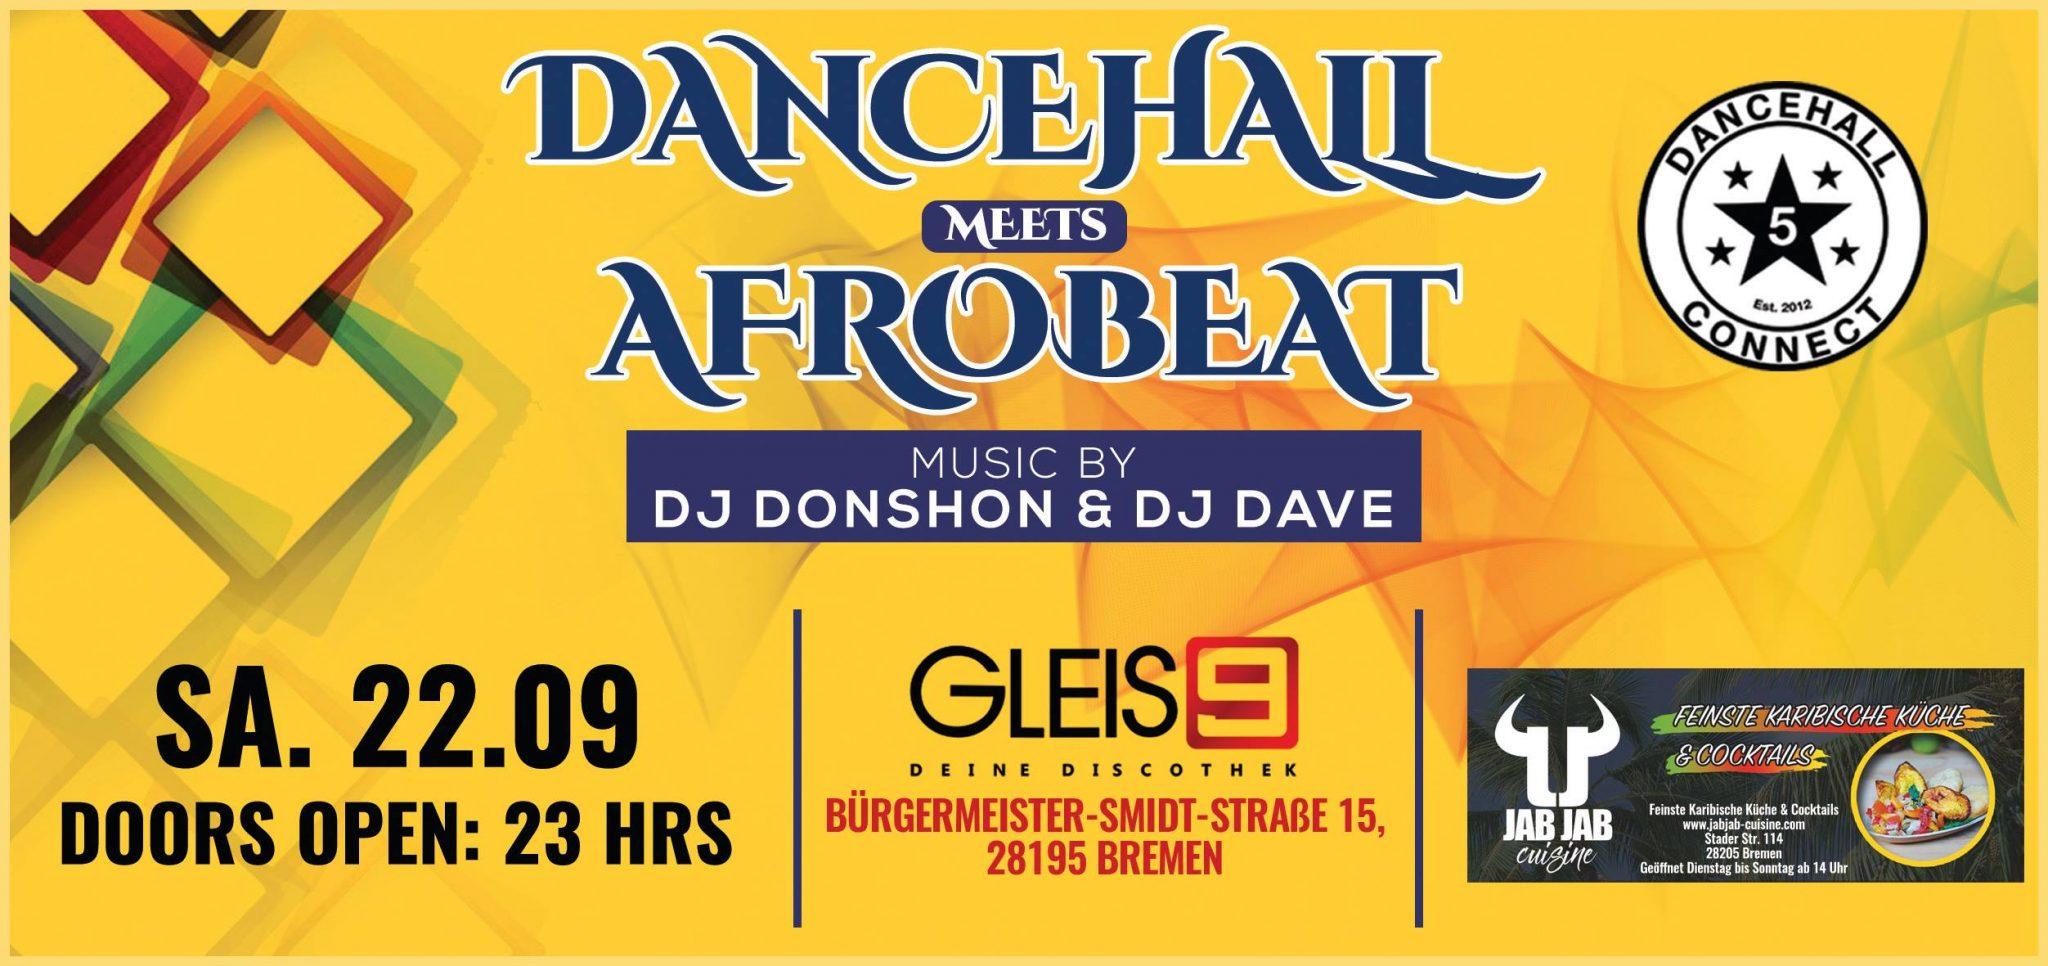 Dancehall meets Afrobeat